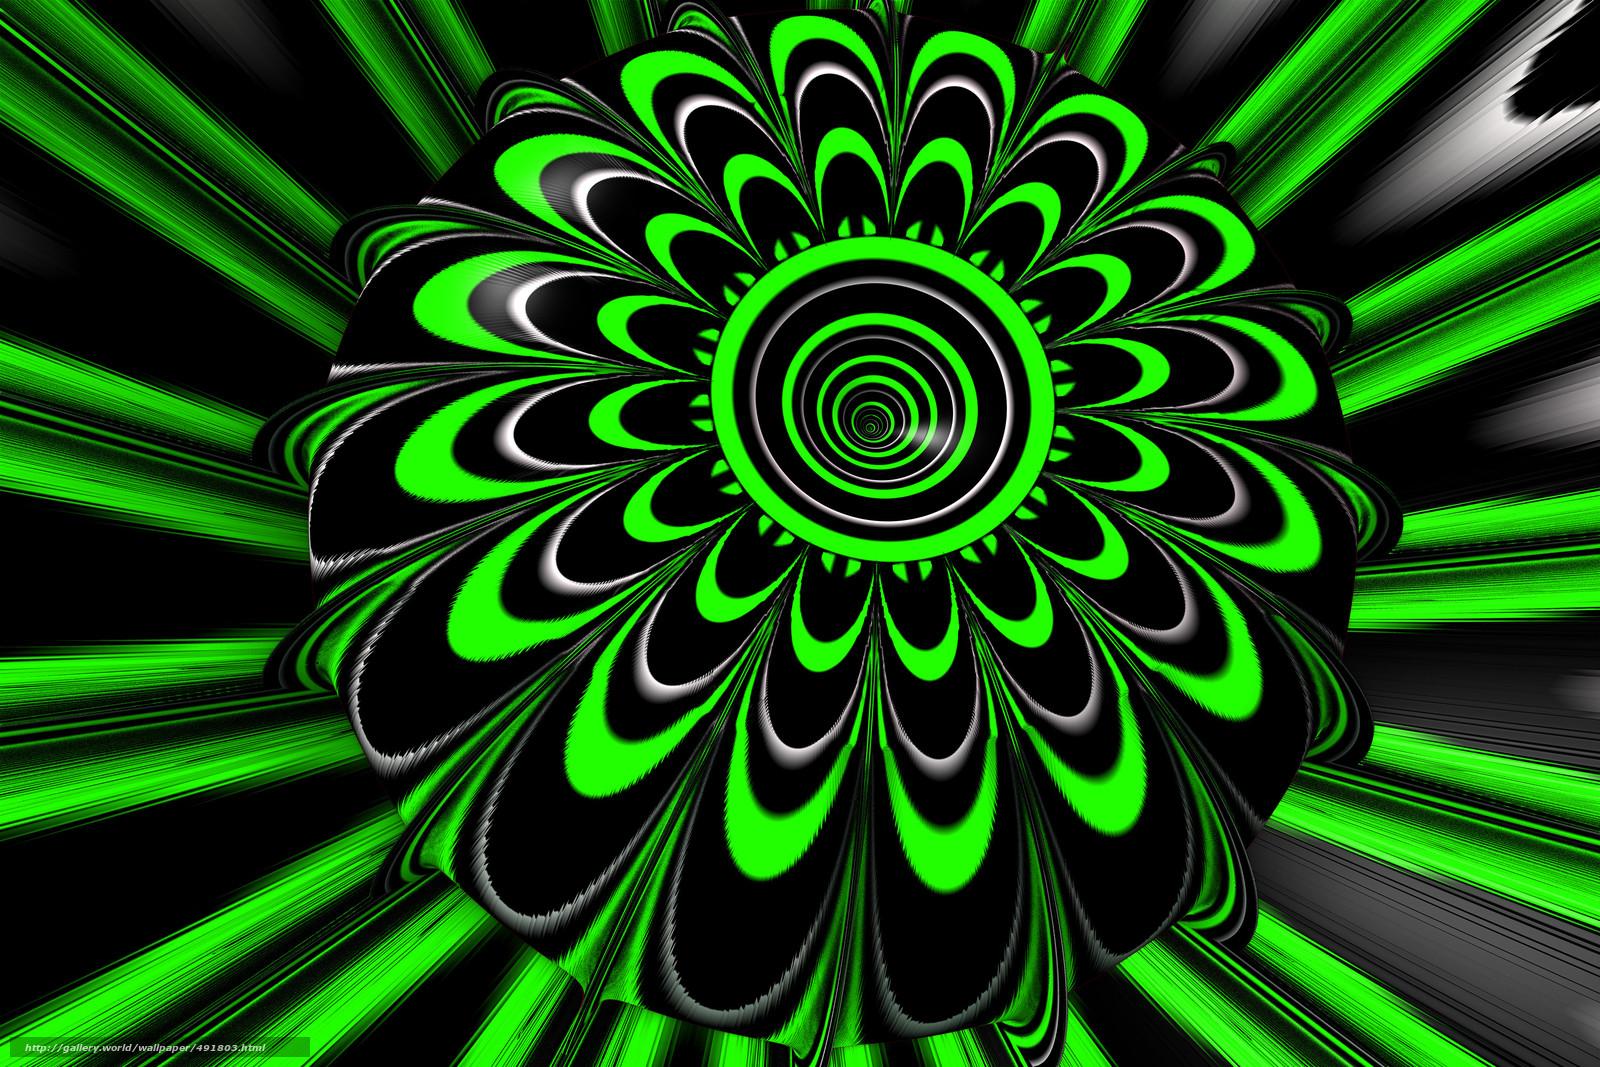 wallpaper digital art fractal 3d background desktop wallpaper 1600x1067